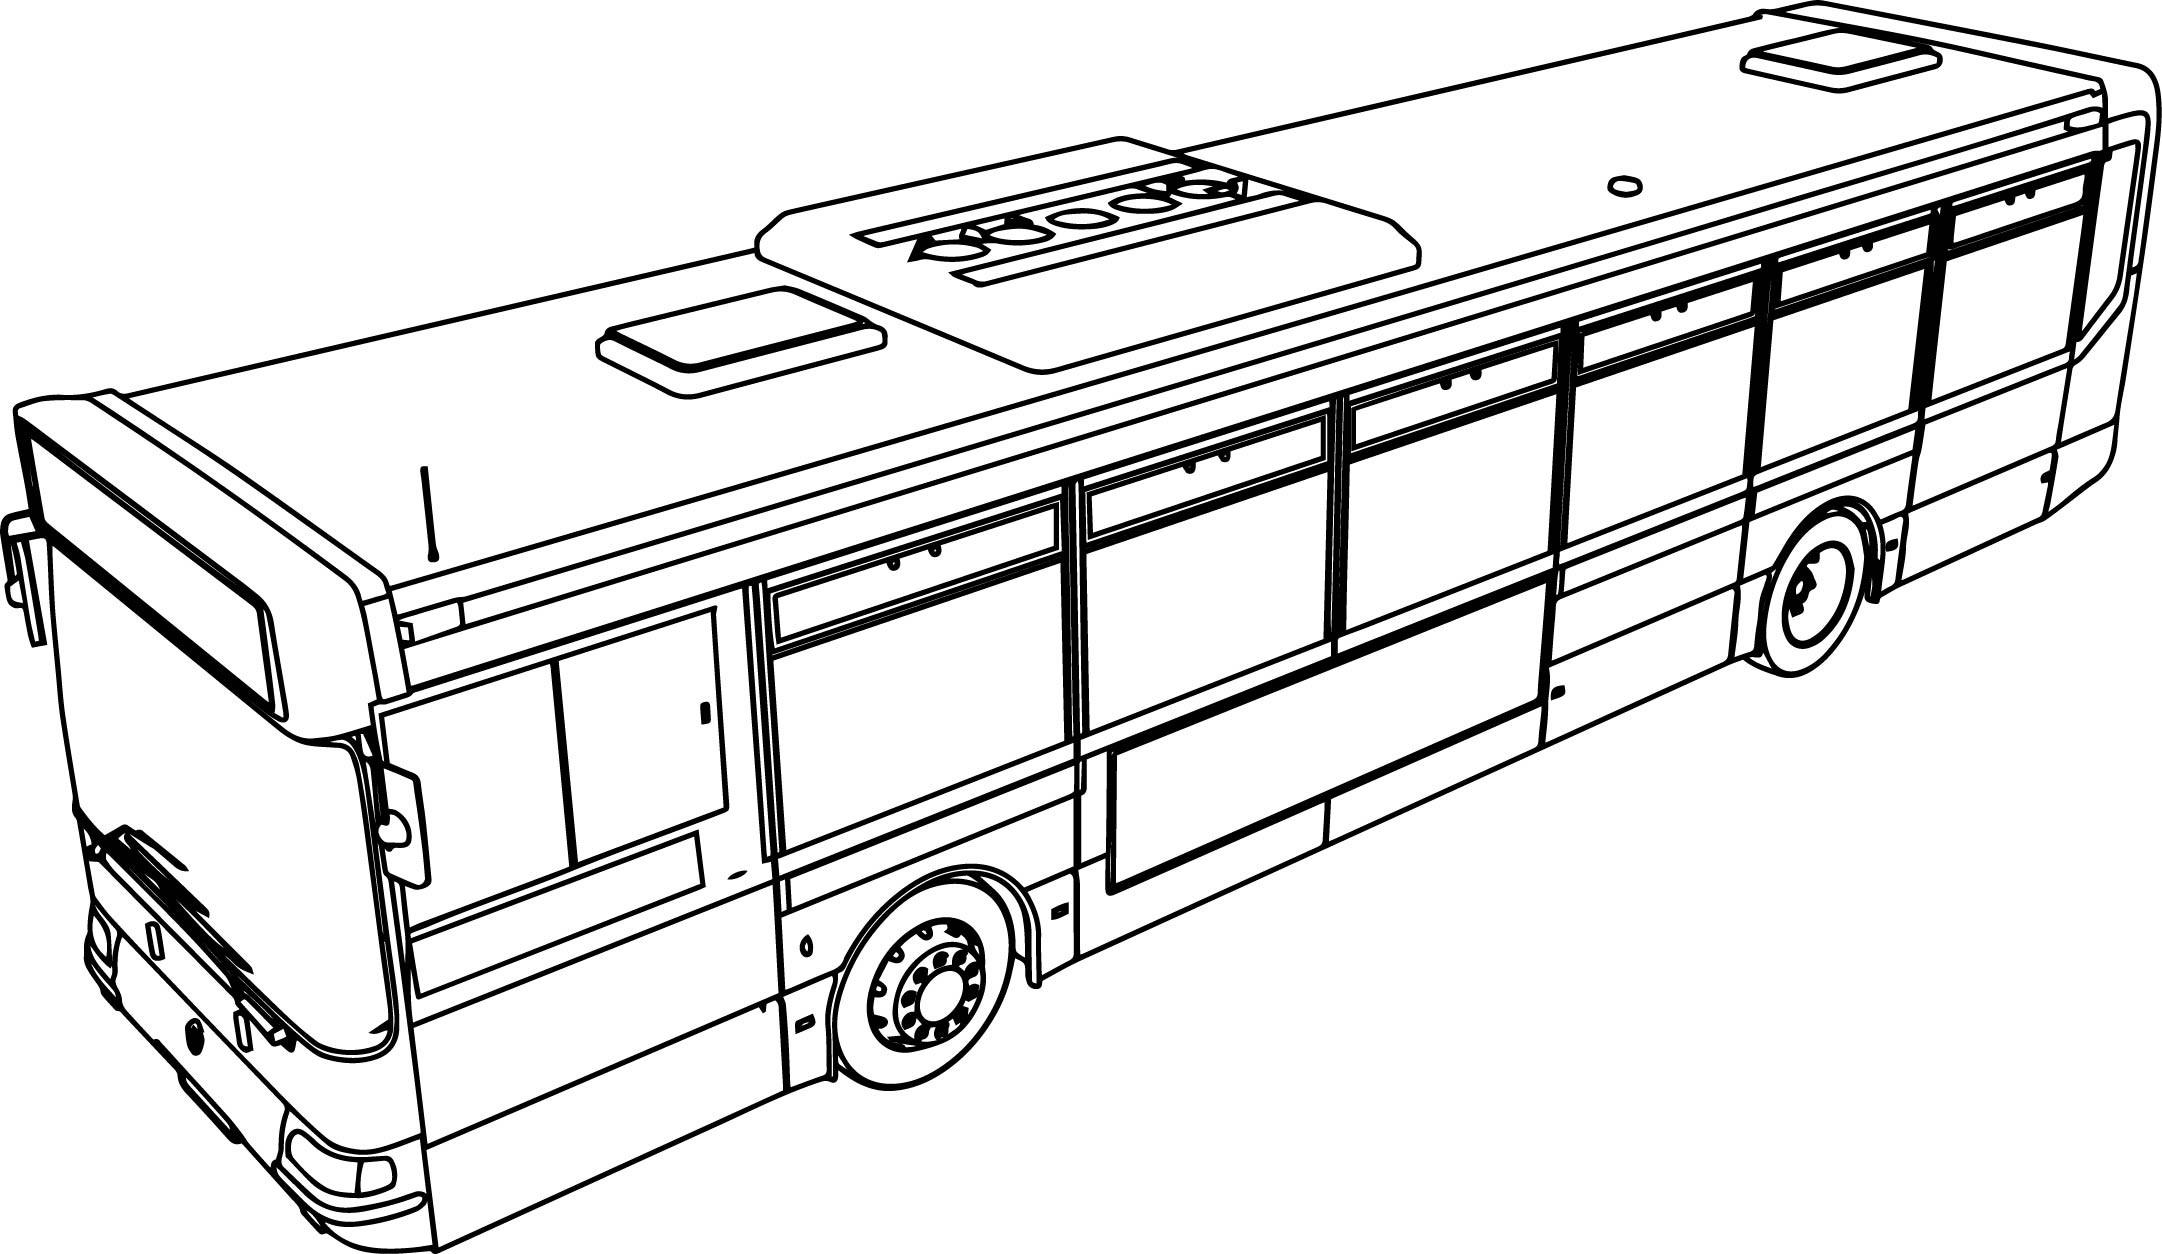 2162x1254 Bus Coloring Page Bltidm